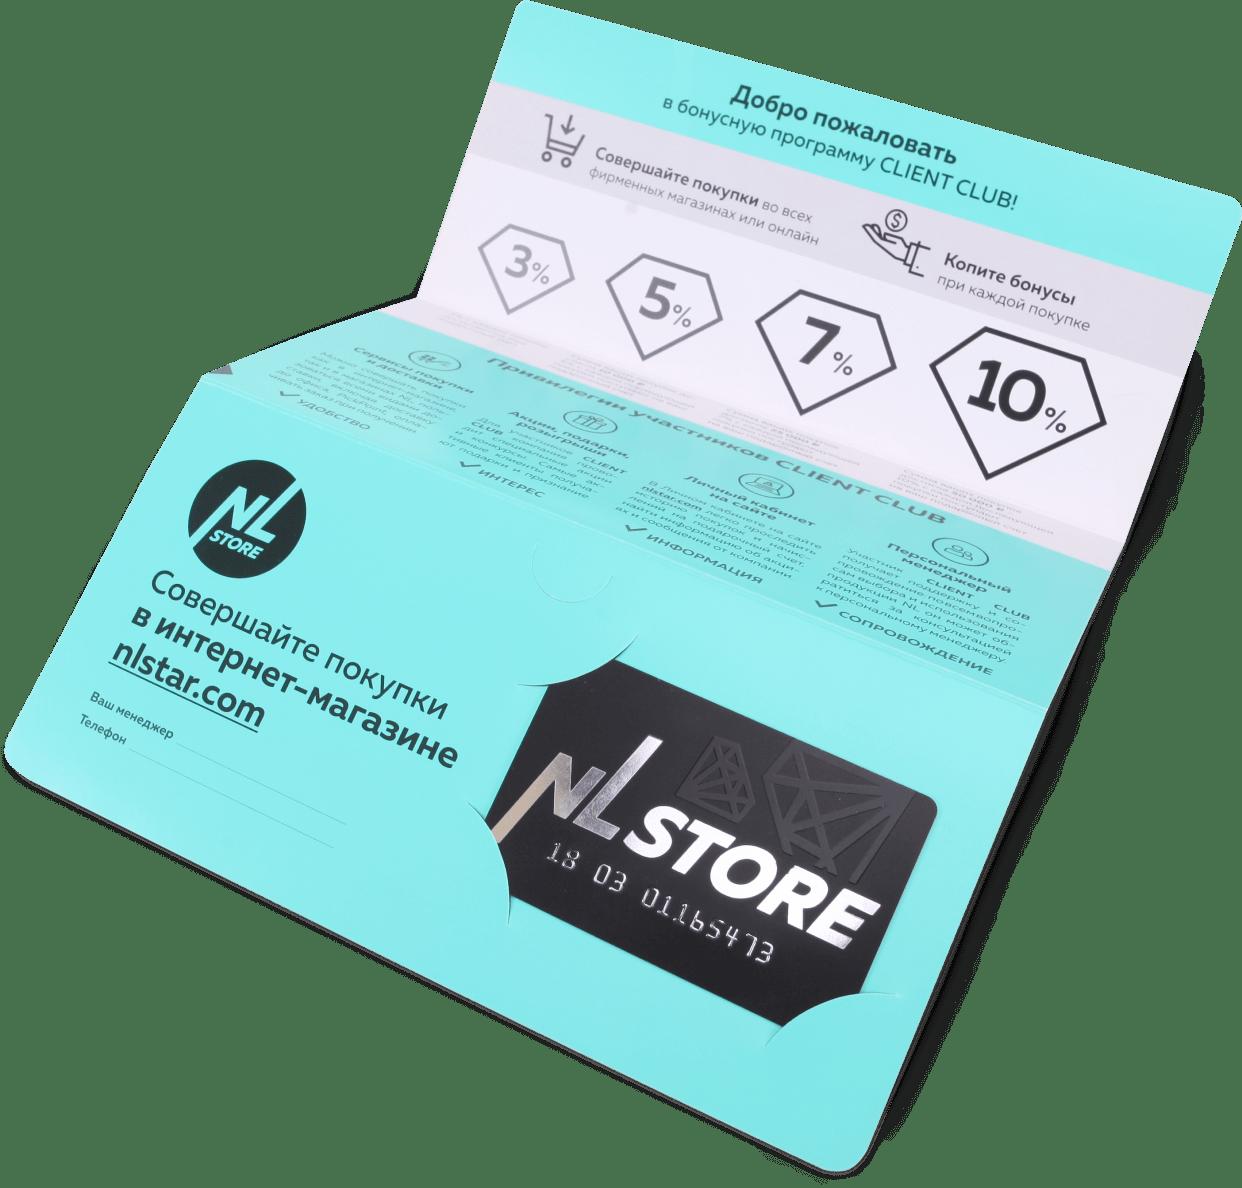 Изображение конверта с бонусной картой